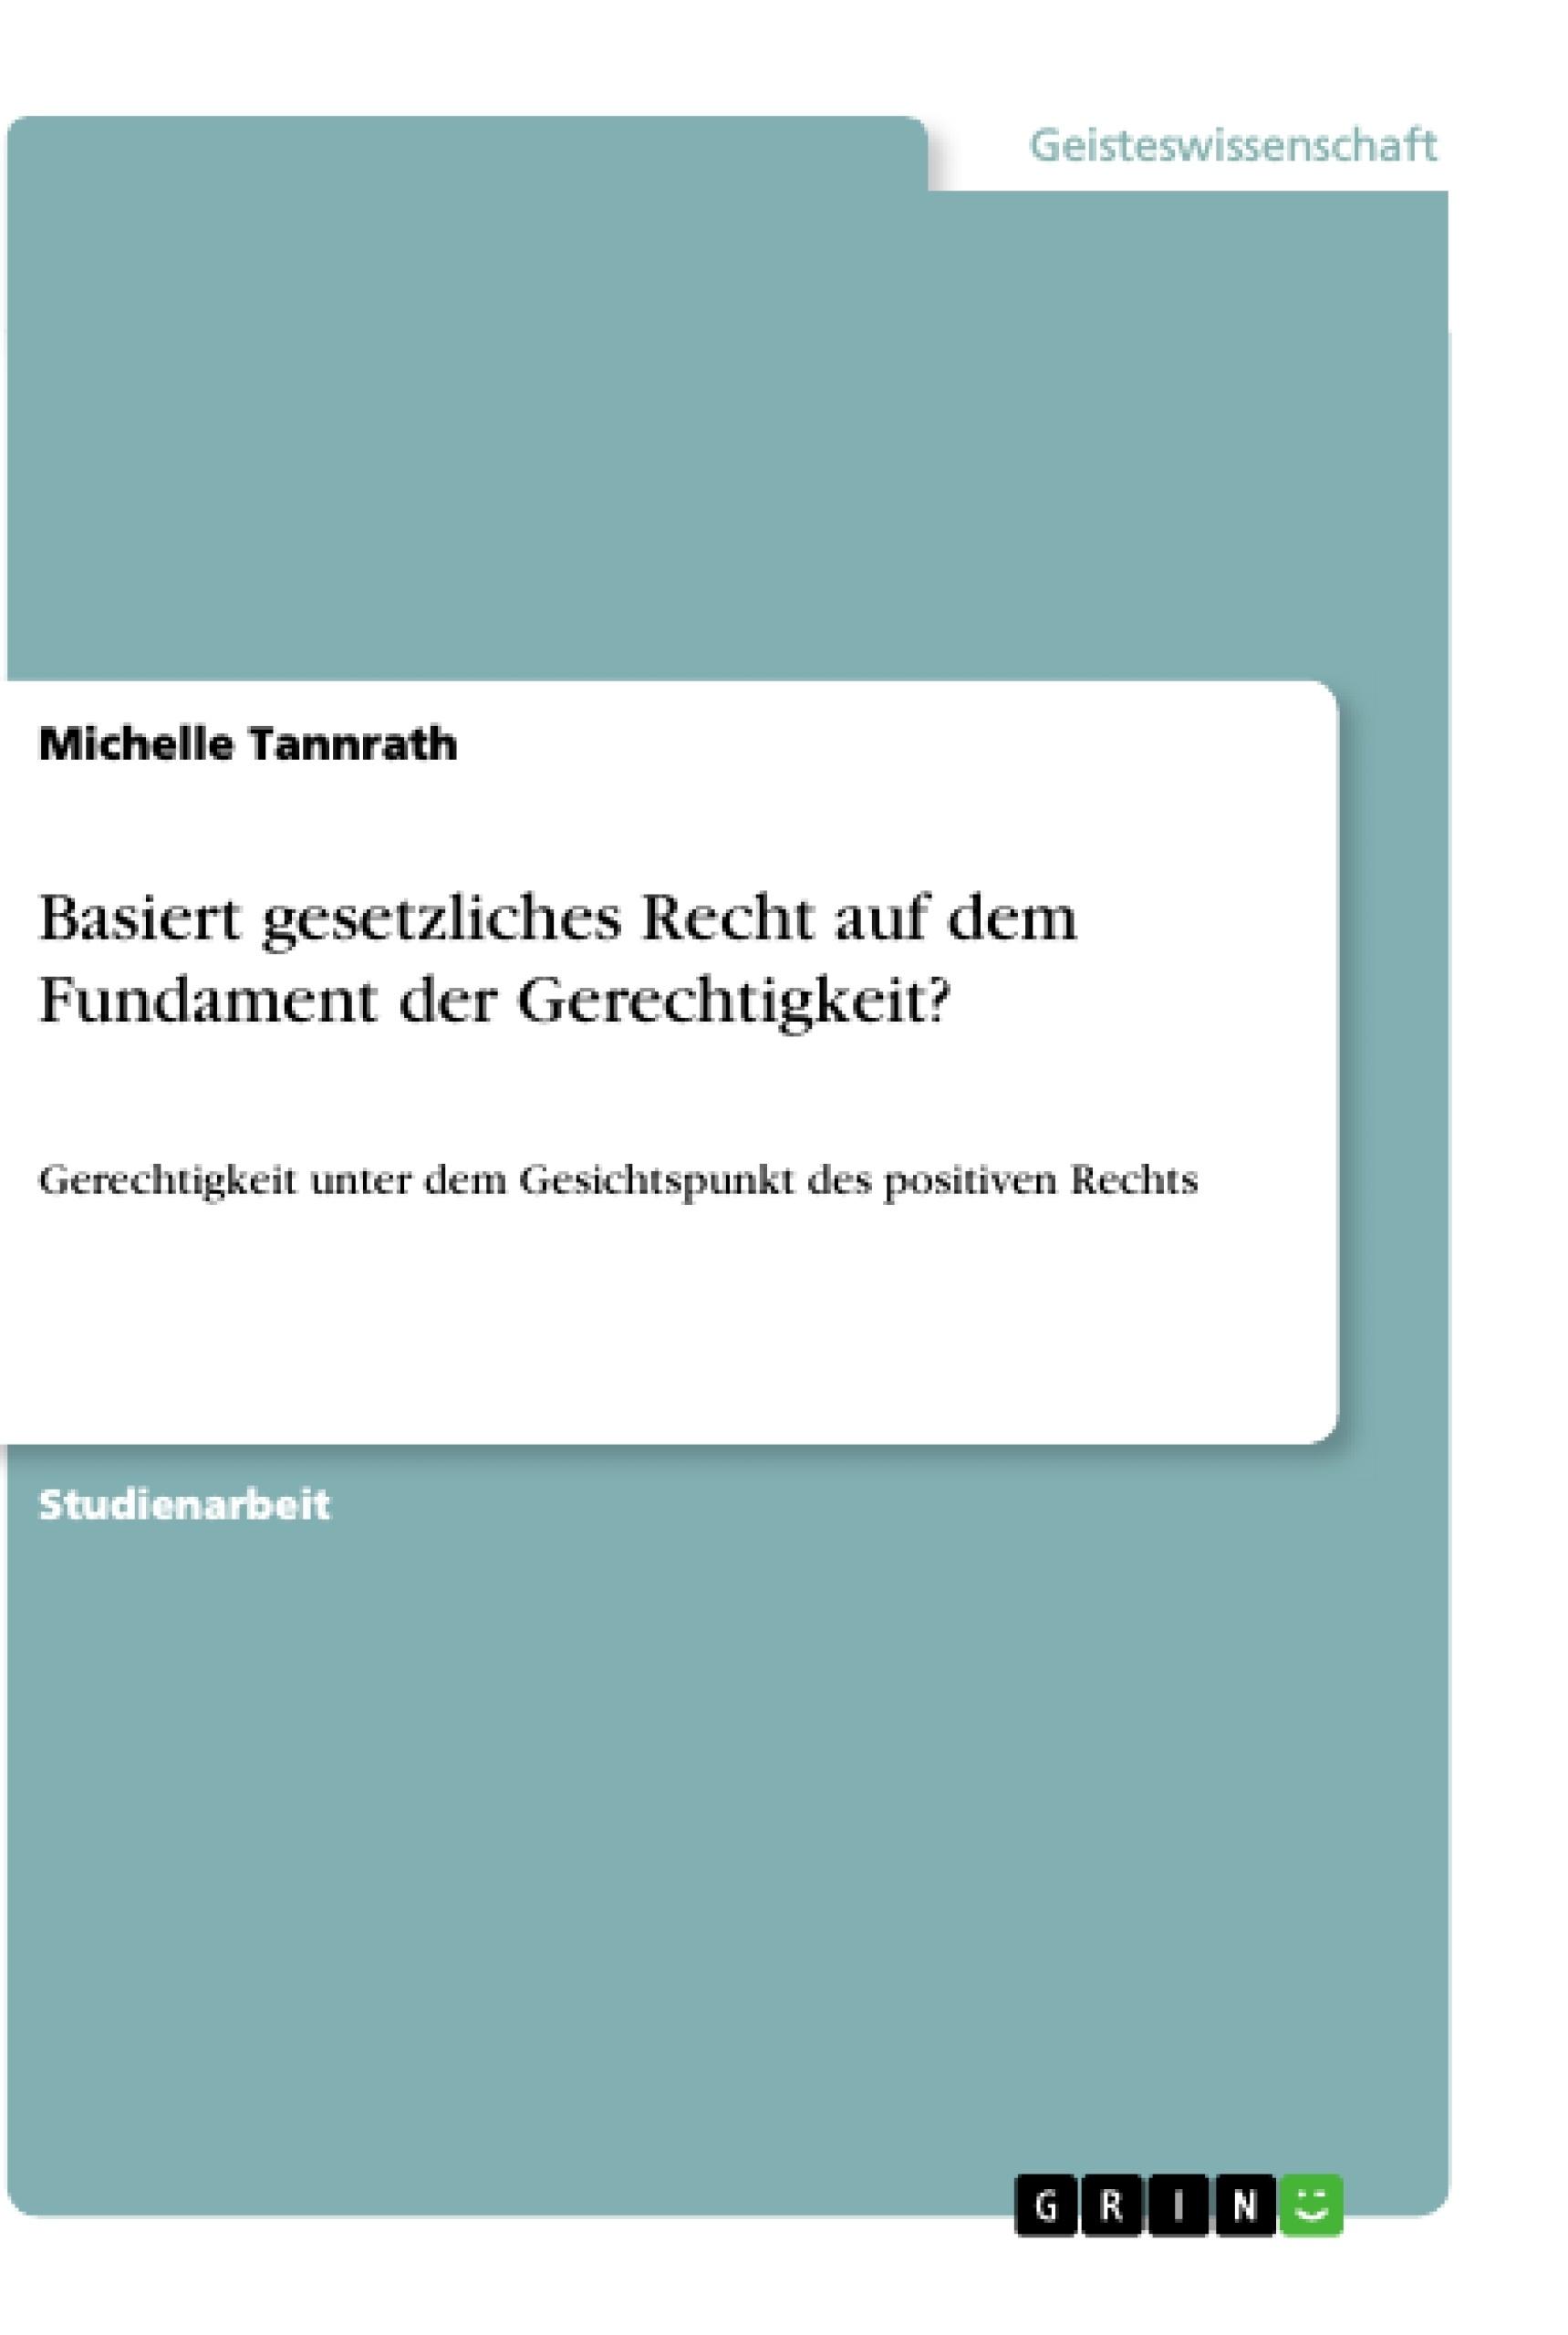 Titel: Basiert gesetzliches Recht auf dem Fundament der Gerechtigkeit?